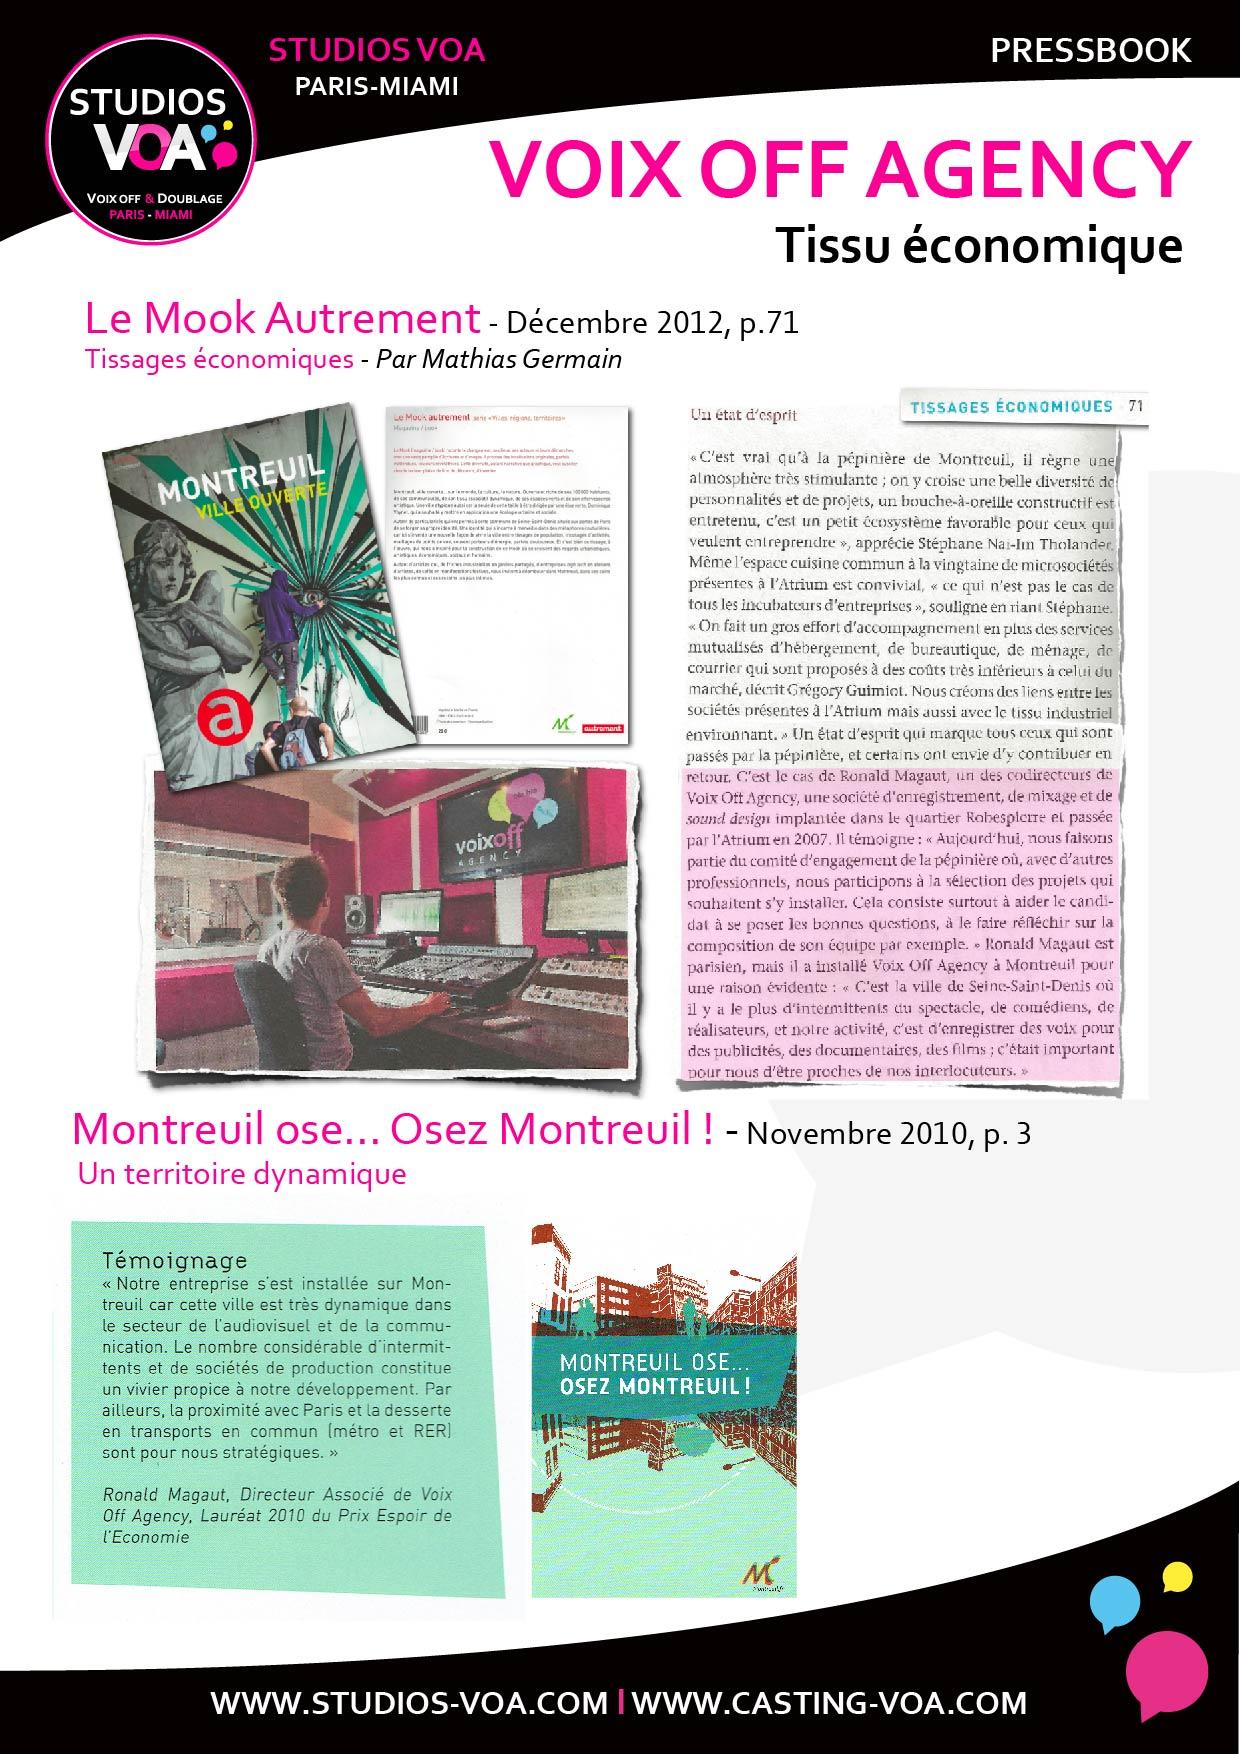 Pressbook-VOA_160122_Plan-de-travail-23